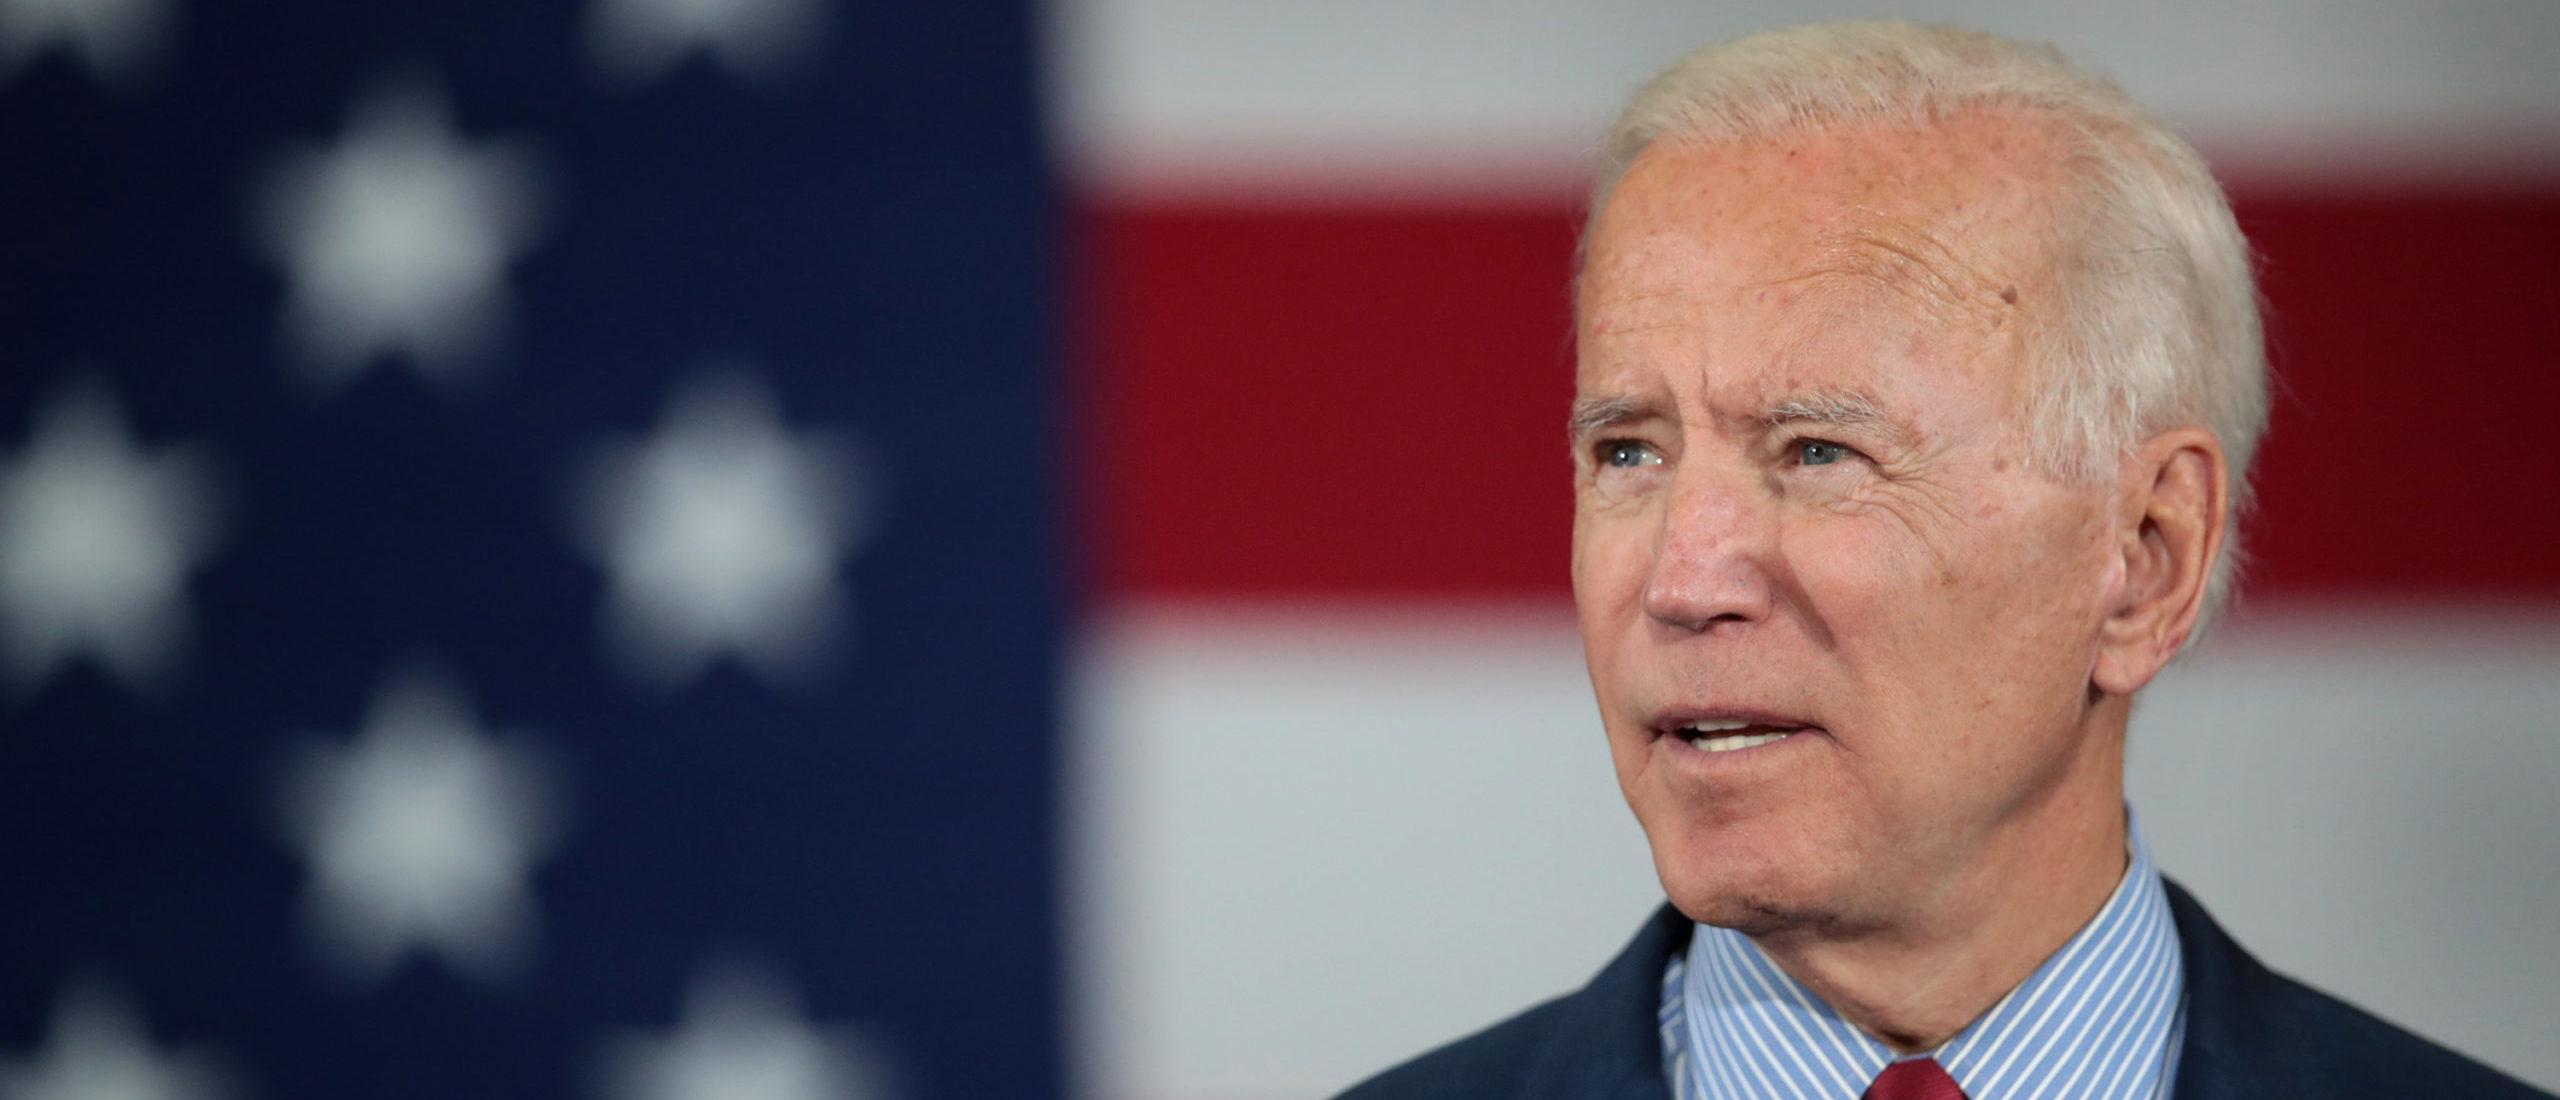 Love Regime Change Wars? You're Going To Love Joe Biden